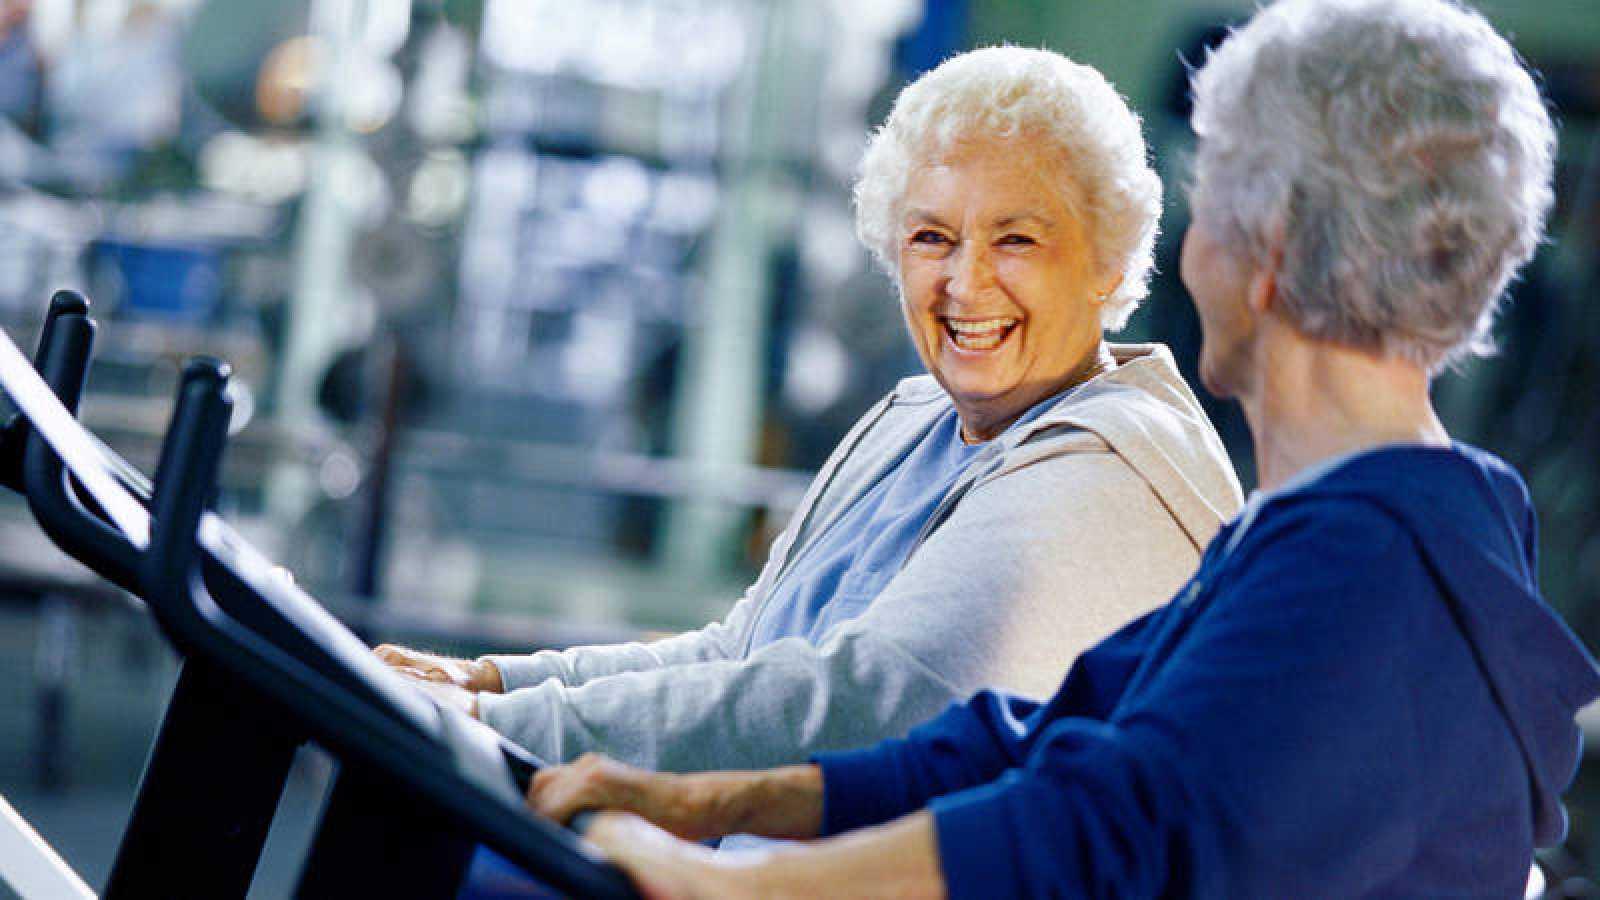 Dos mujeres practican ejercicio en un gimnasio